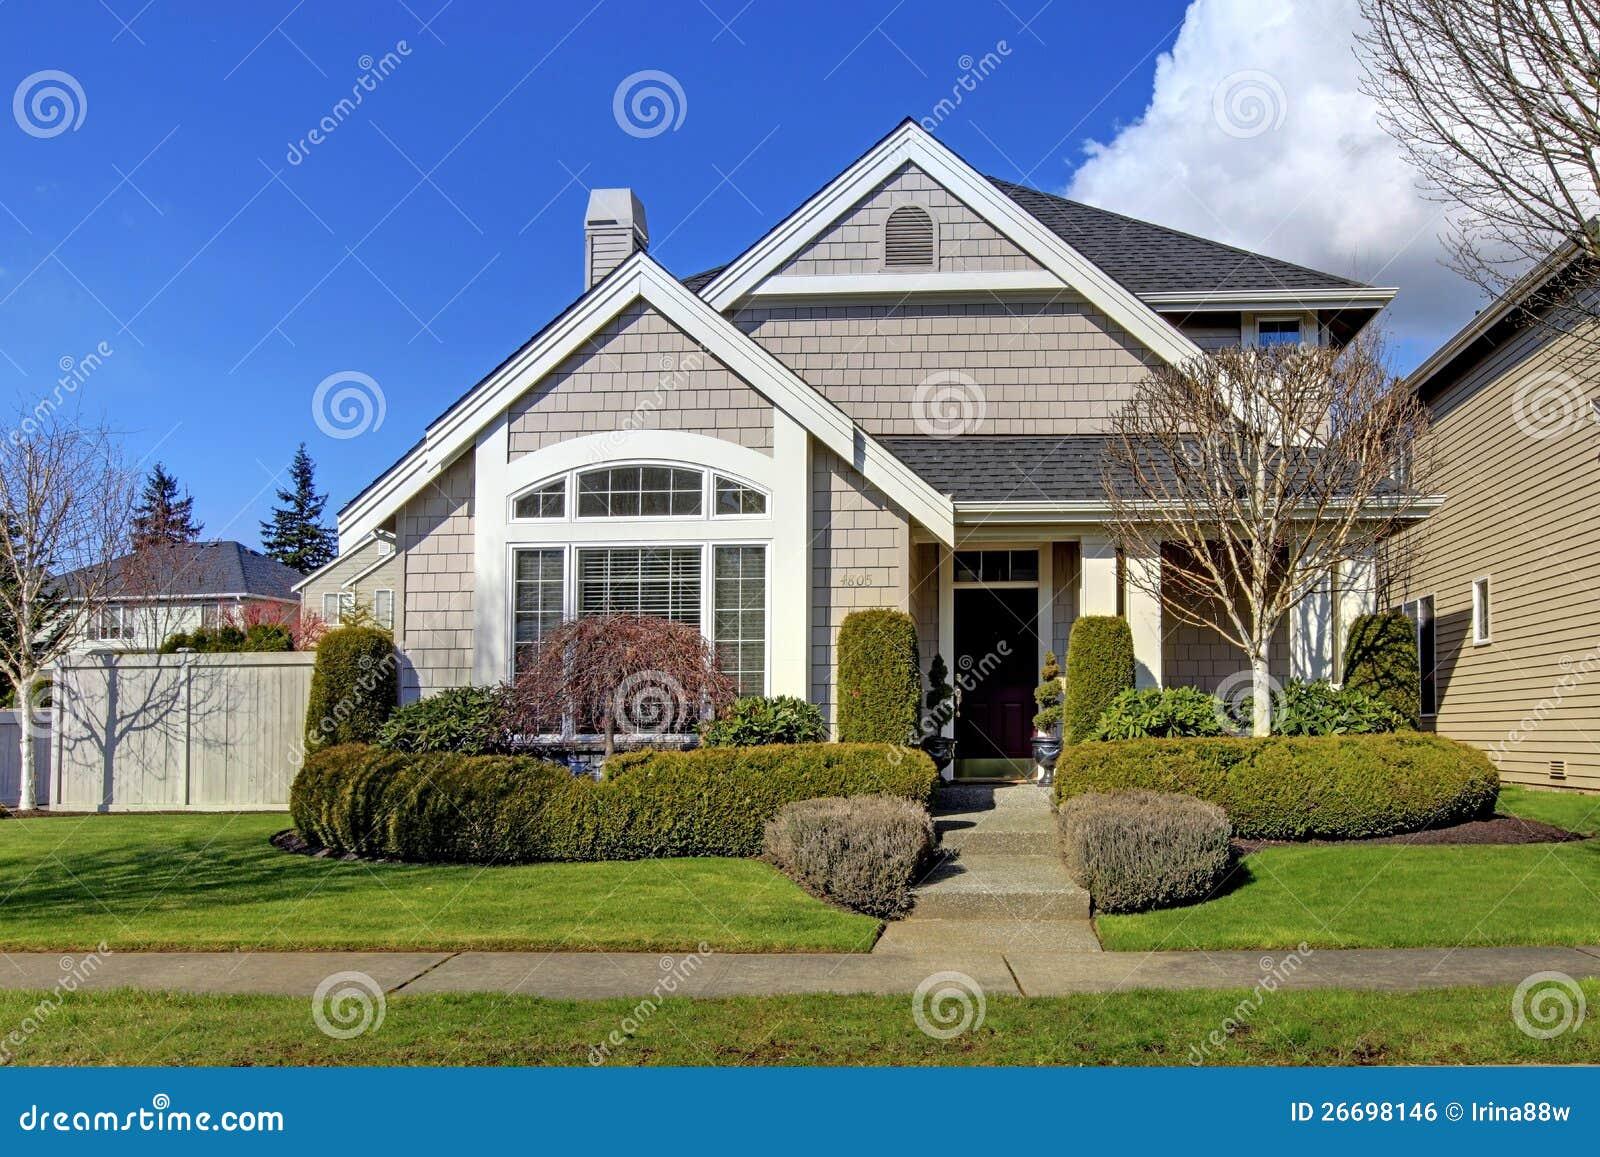 Klassiek nieuw Amerikaans huis buiten in de lente.